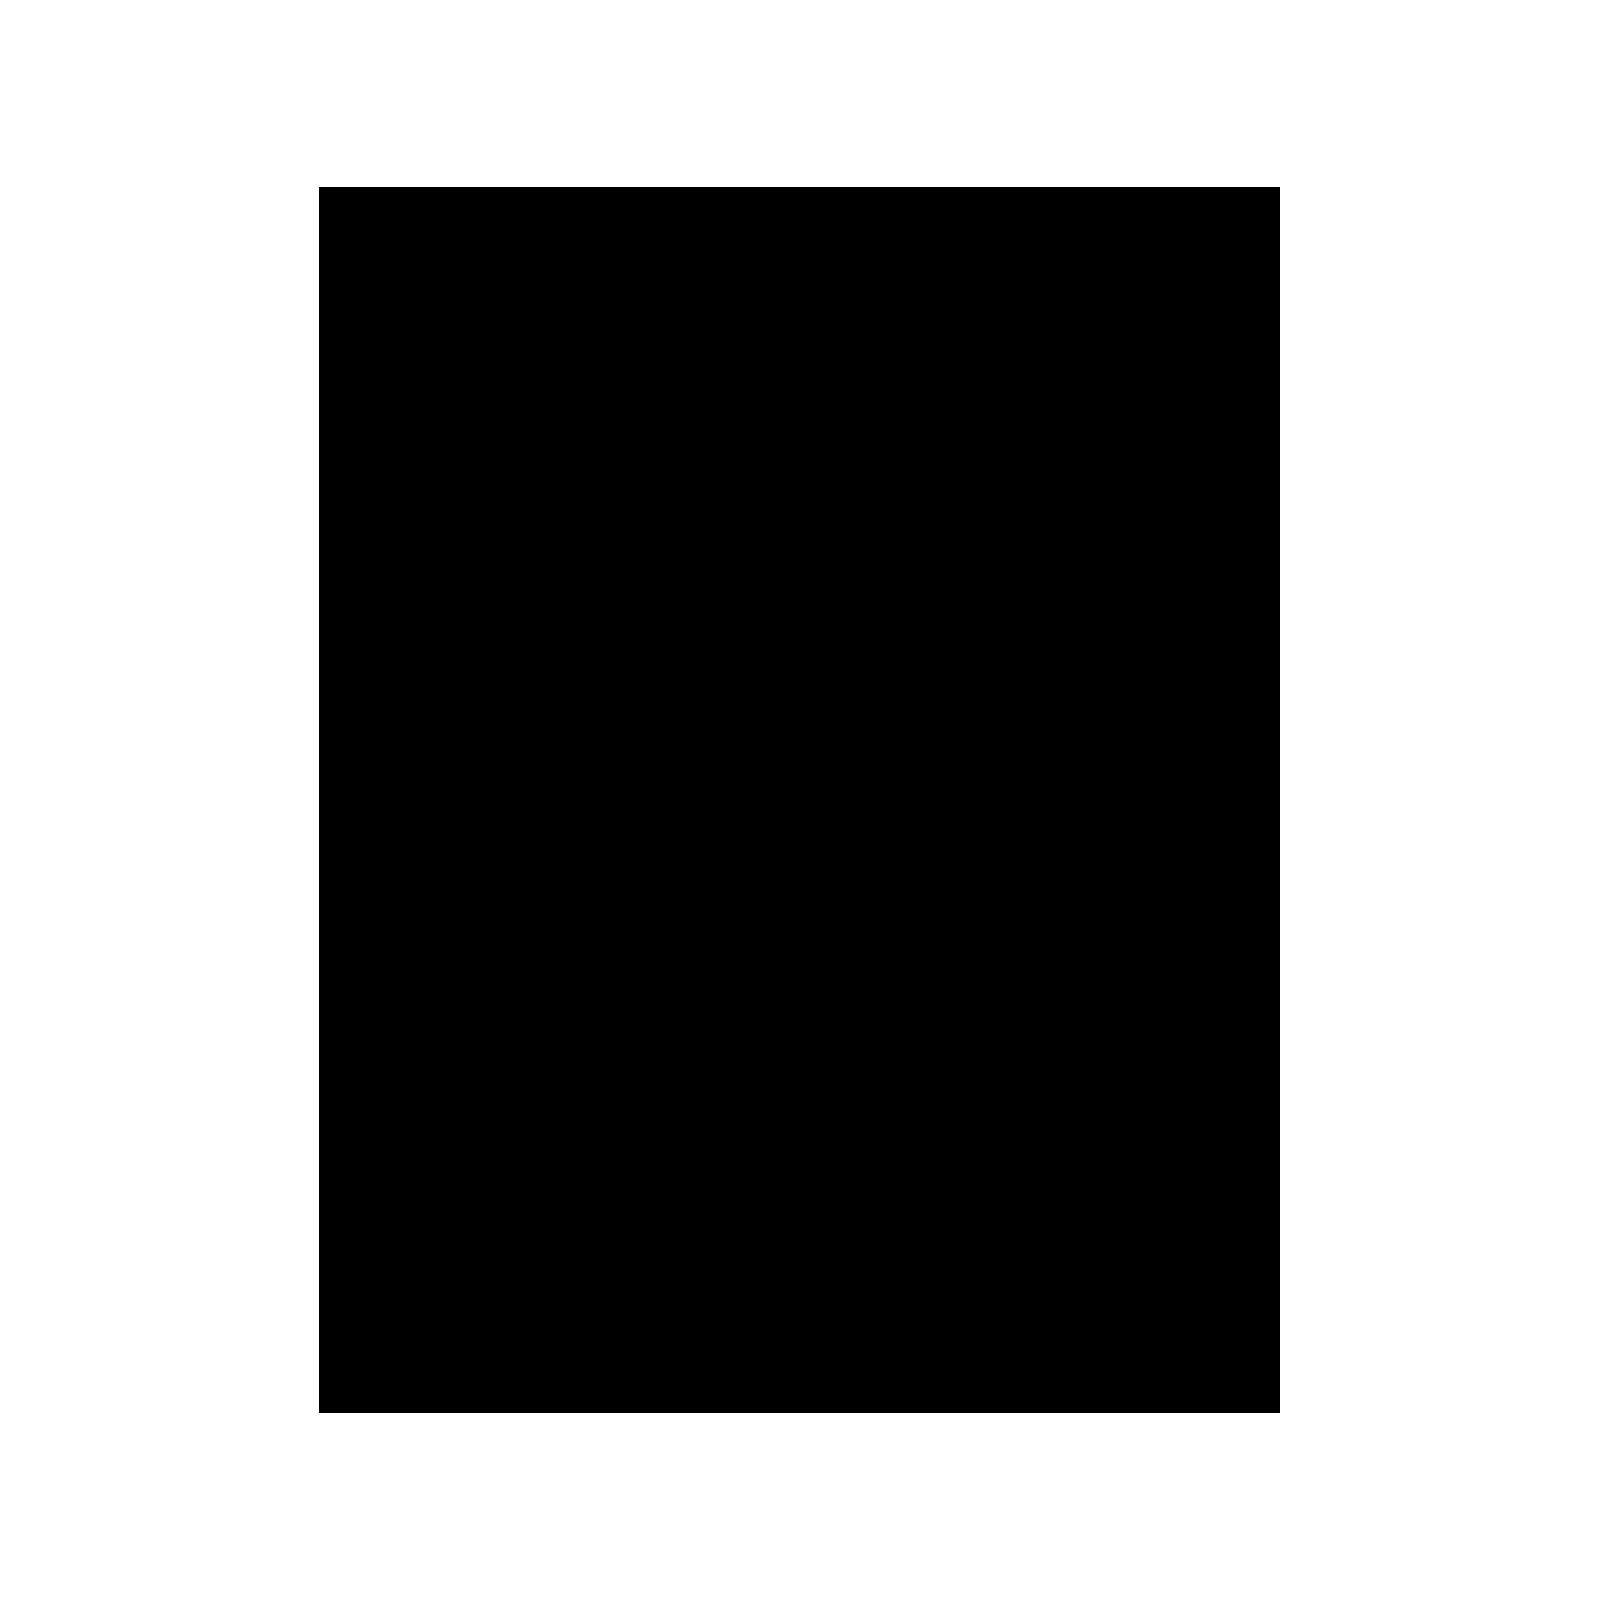 Viereckige Abweichung für Säule